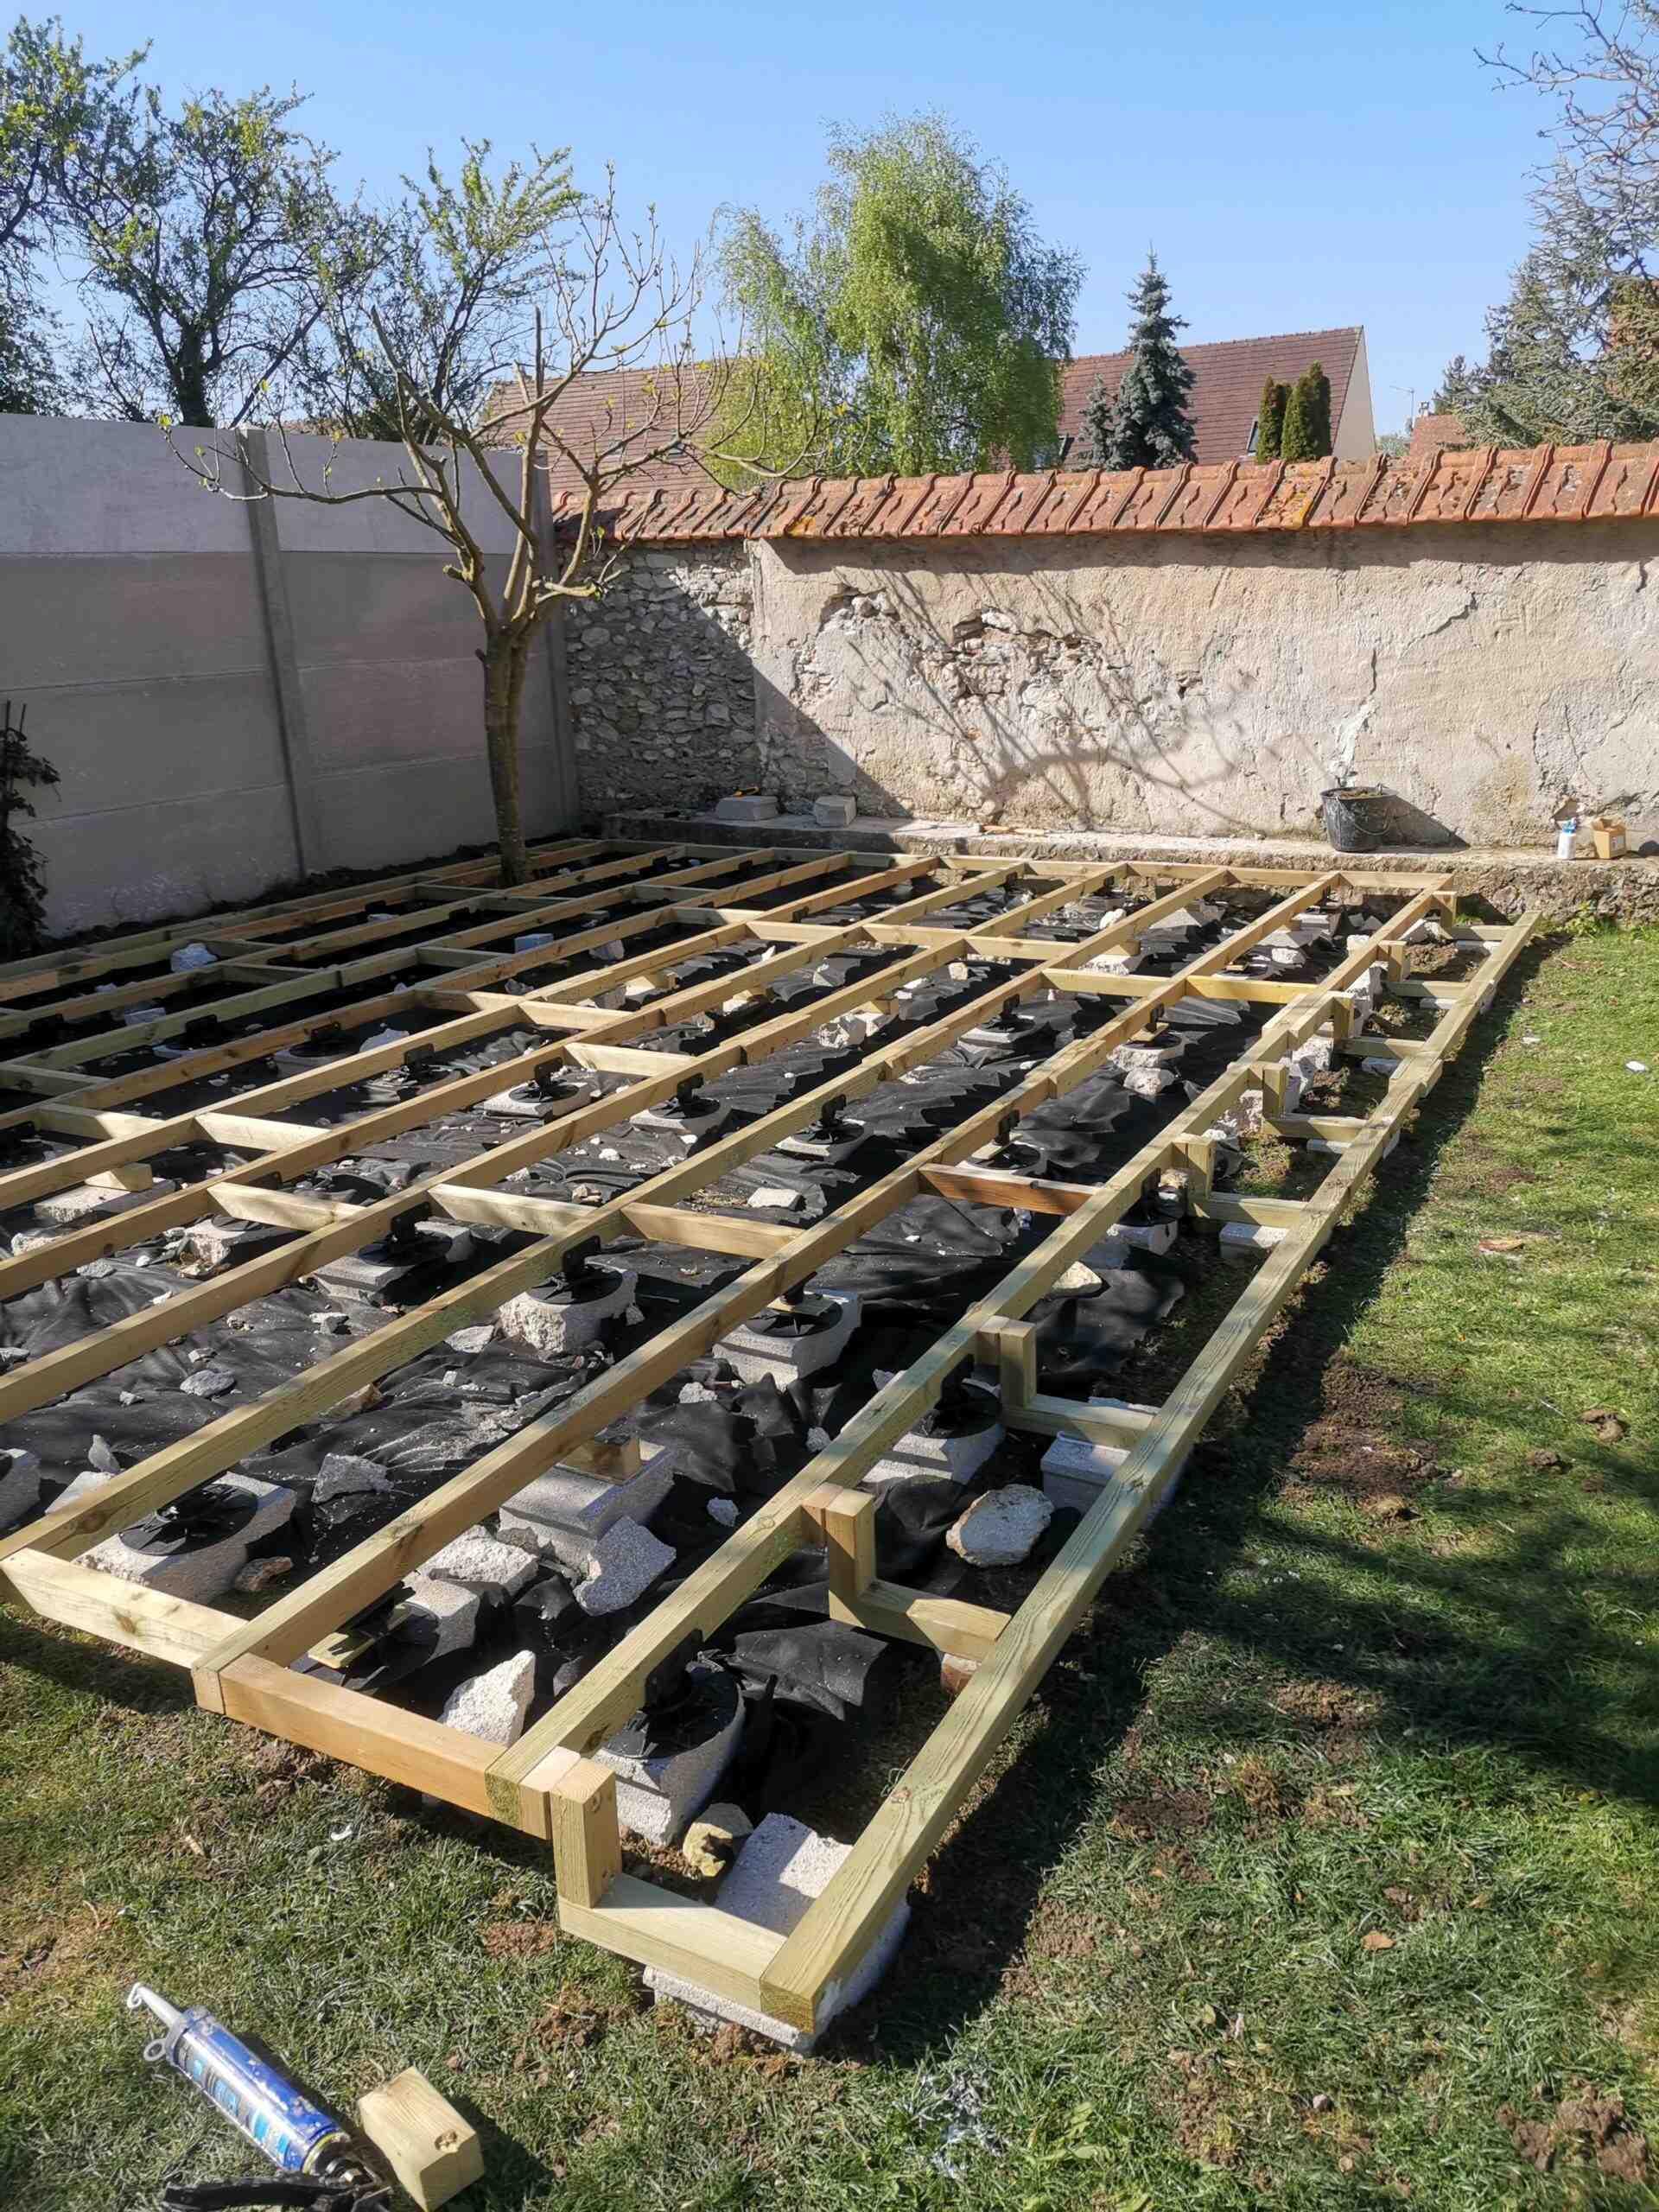 Comment faire une terrasse en bois sans dalle de béton?